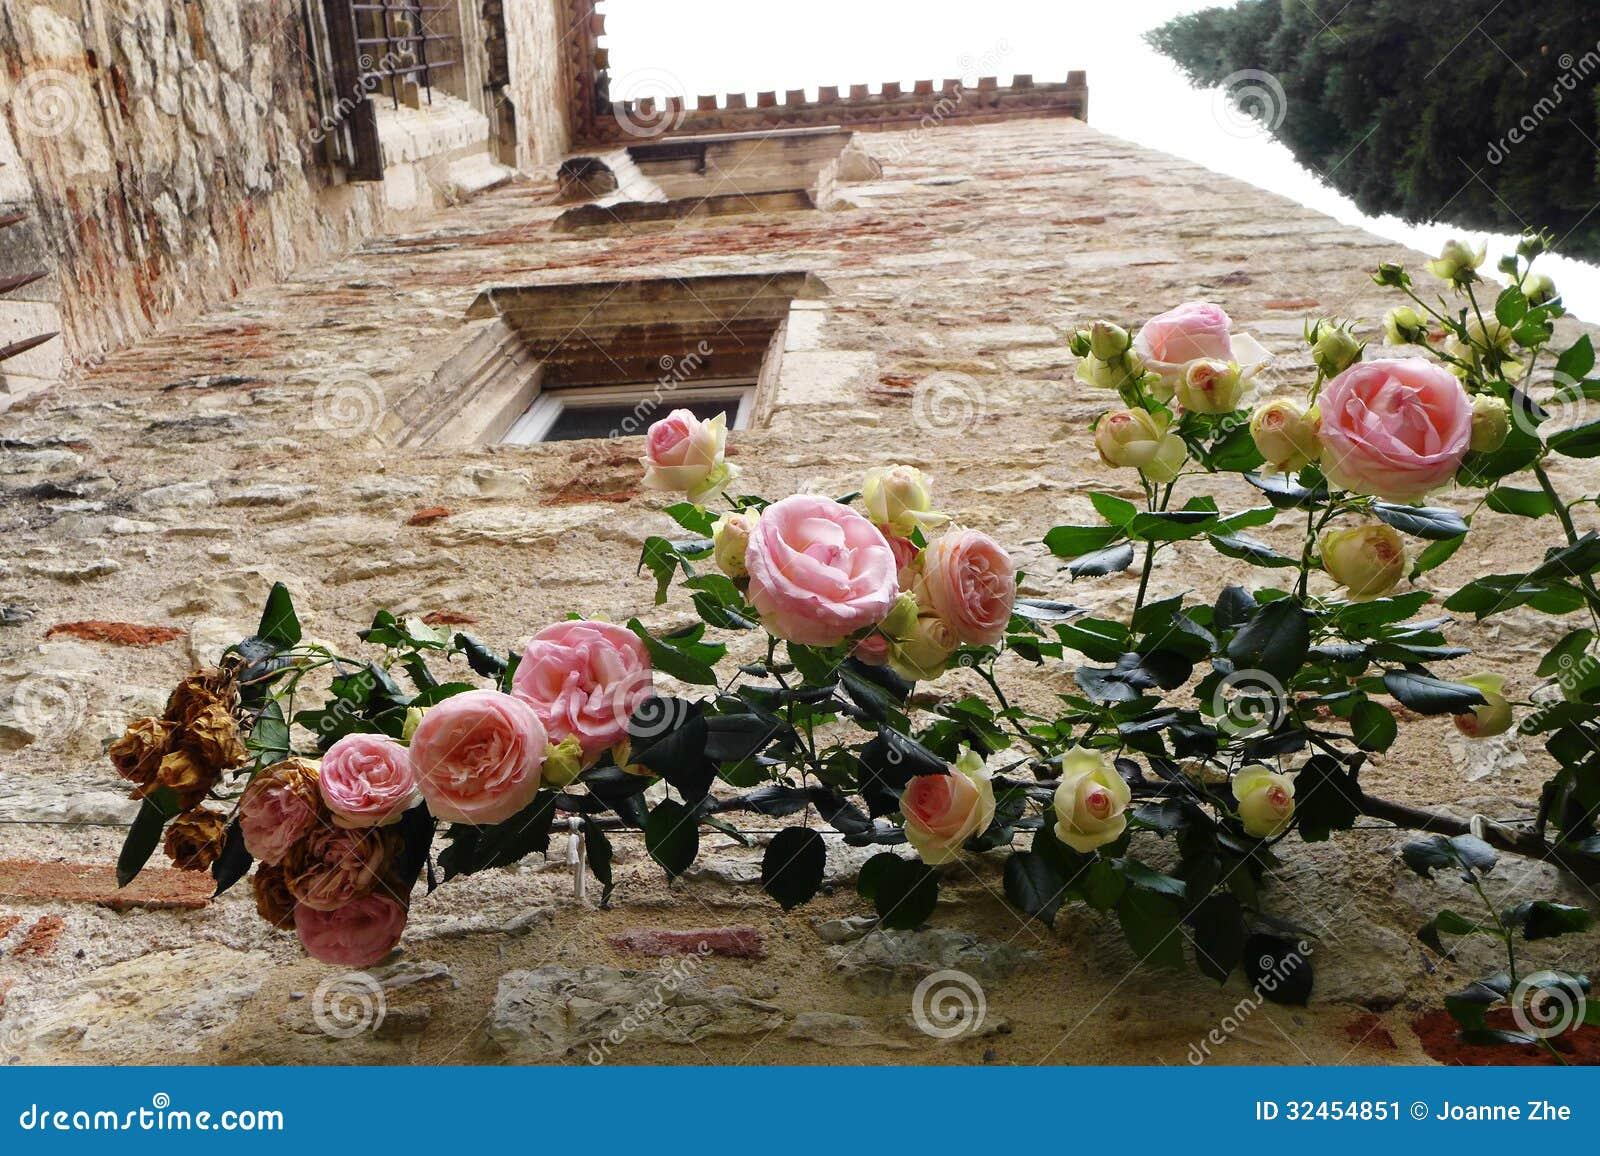 Pianta di rosa sulla parete antica immagine stock for Rosa pianta